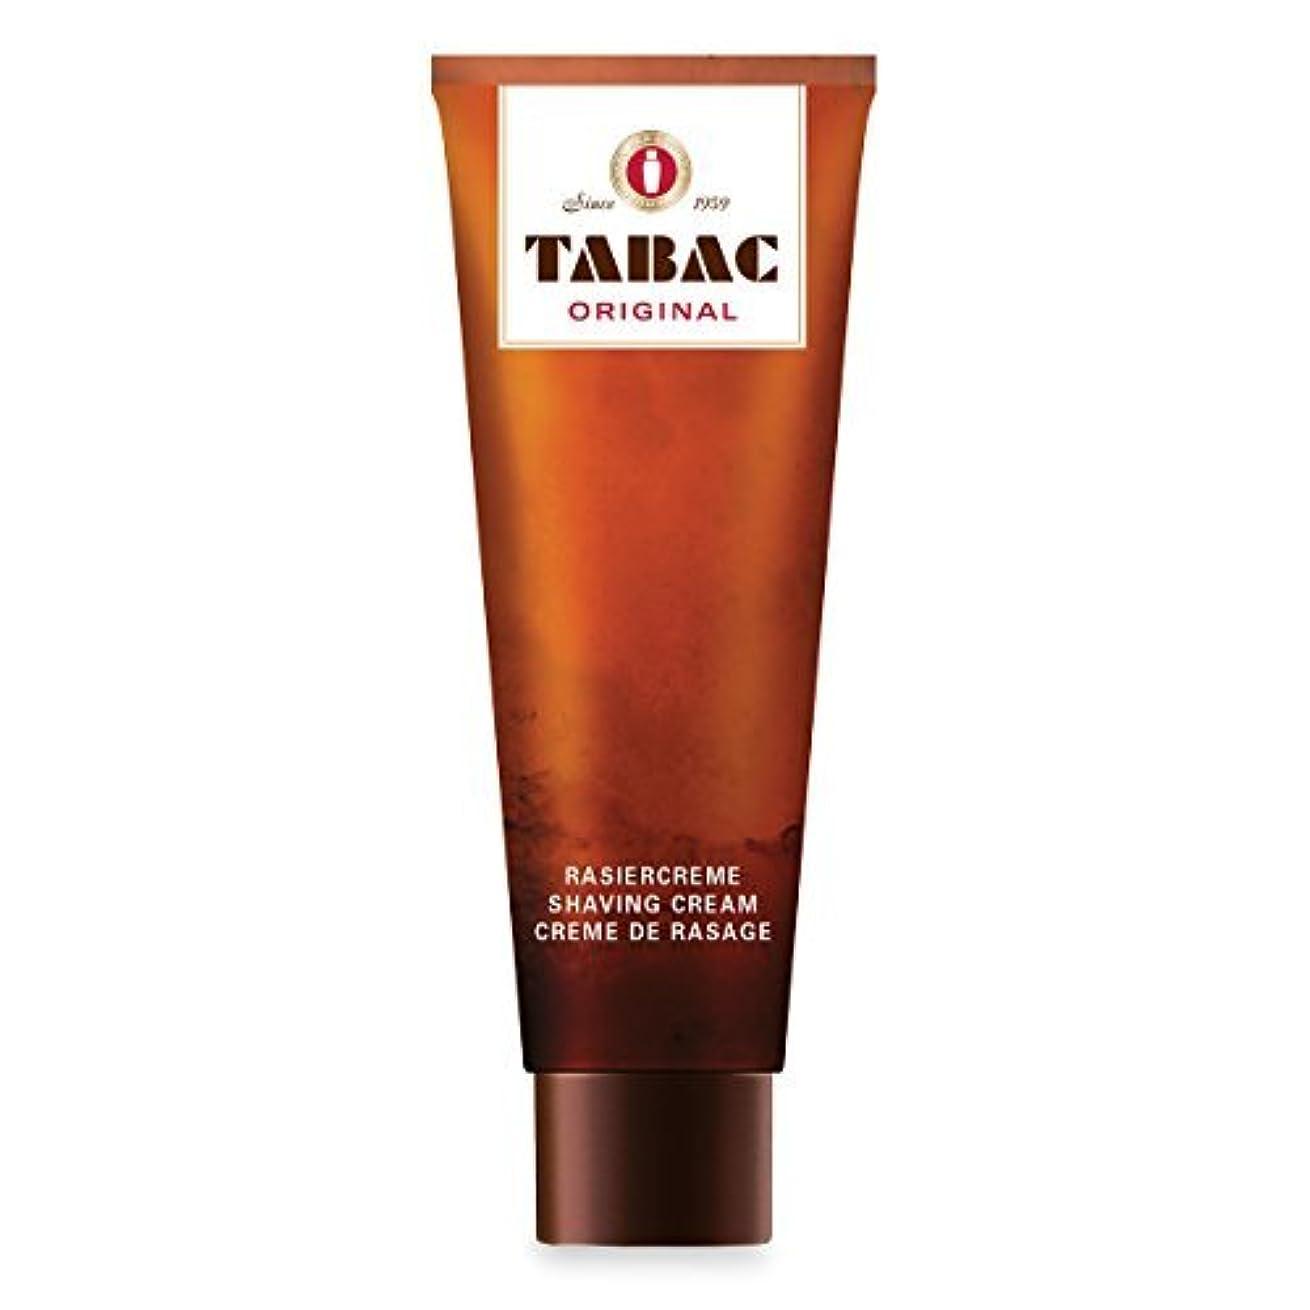 ハンディキャップ触手インペリアルTabac Original By Maurer & Wirtz For Men. Shaving Cream 3.6 Ounces [並行輸入品]